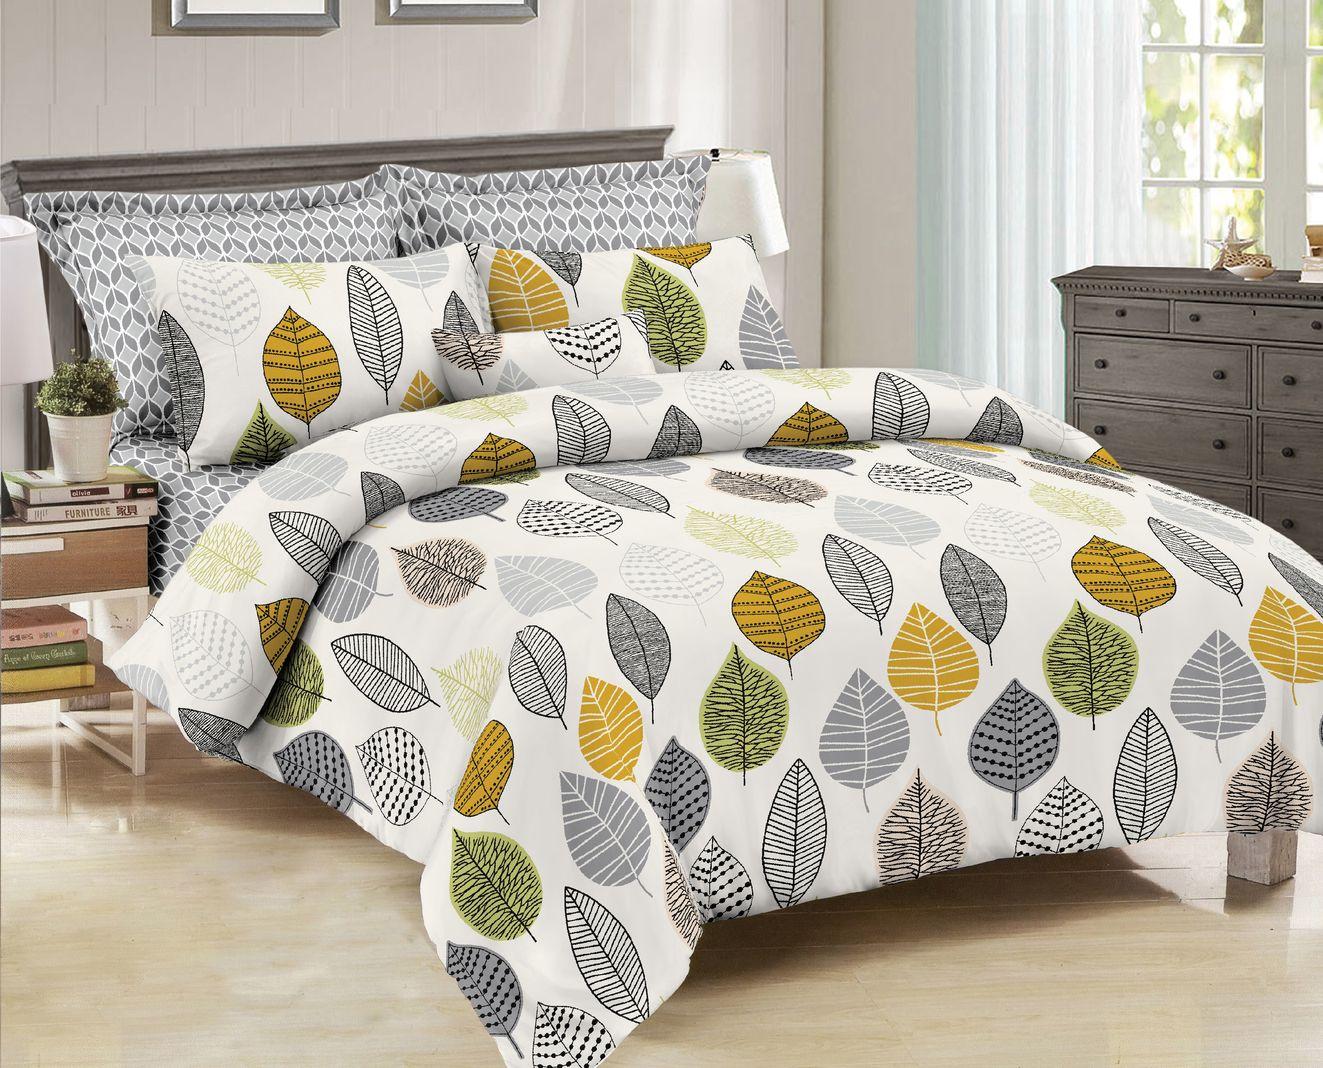 Комплект постельного белье Seta Azalea Annecy, 019032320, евро цена 2017